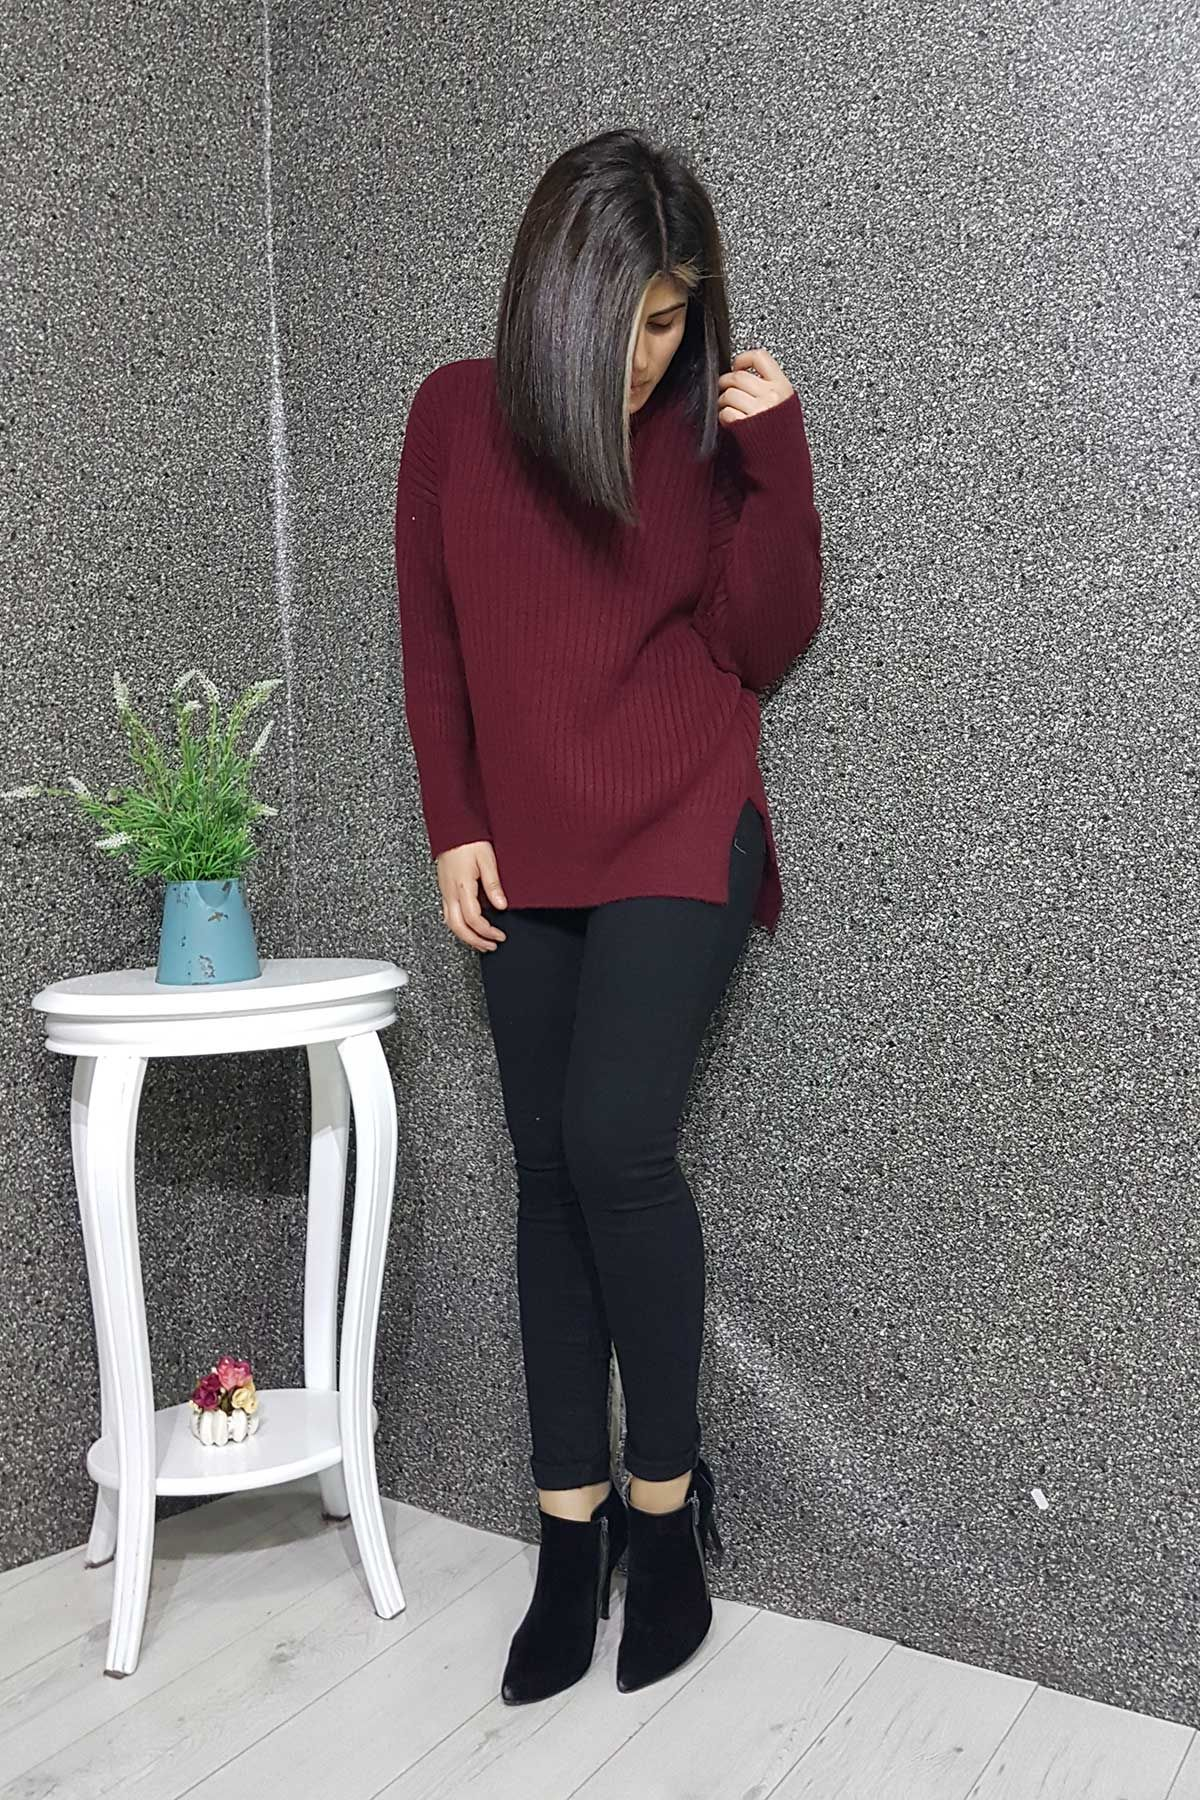 Bogazli Fitilli Bayan Yun Kazak Moda Stilleri Kadin Giyim Triko